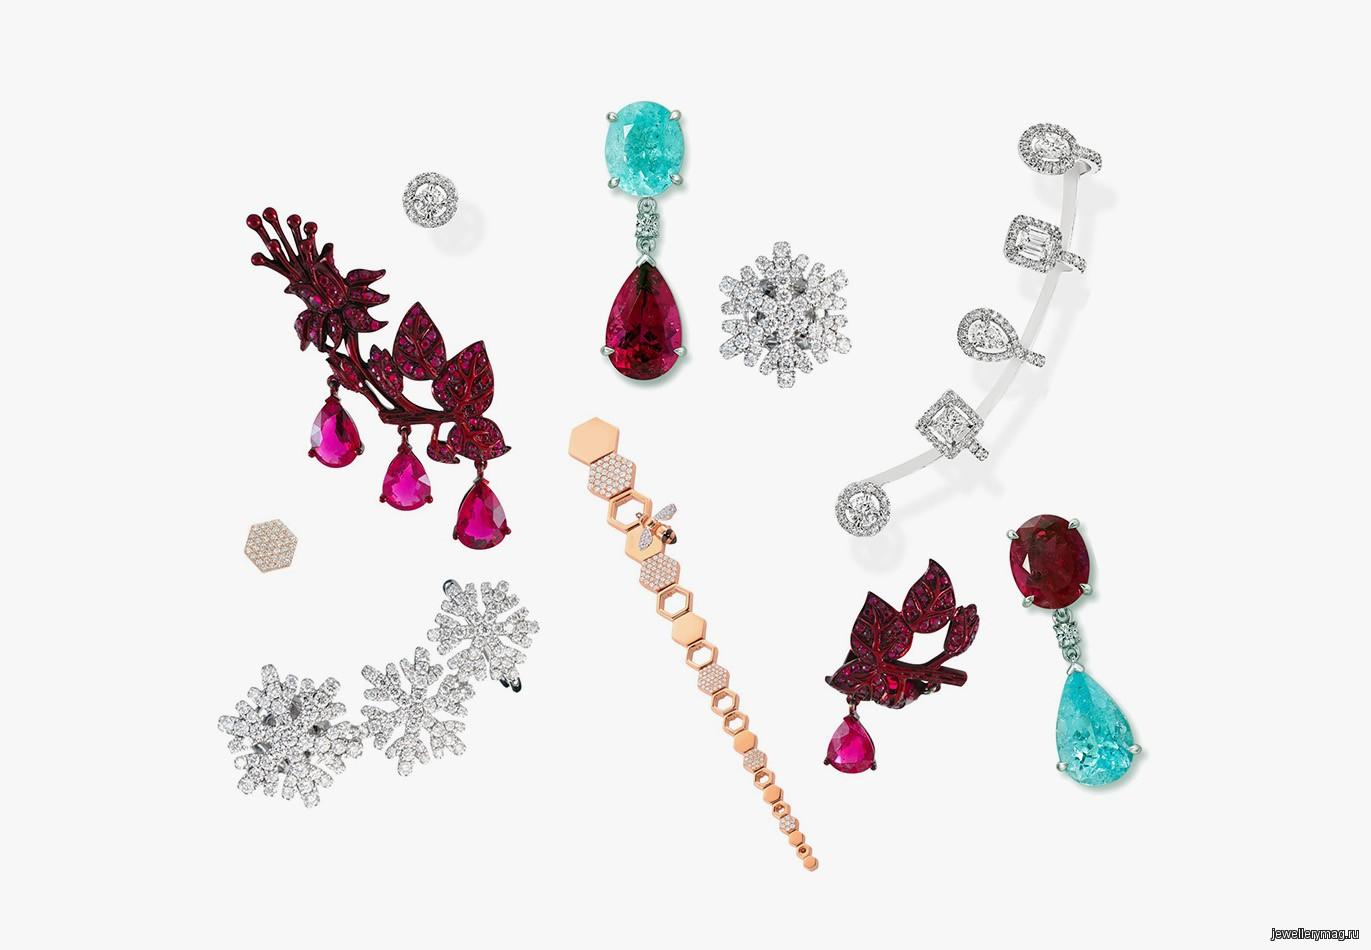 Несимметричные и непарные серьги — <b>Jewellery</b> Mag